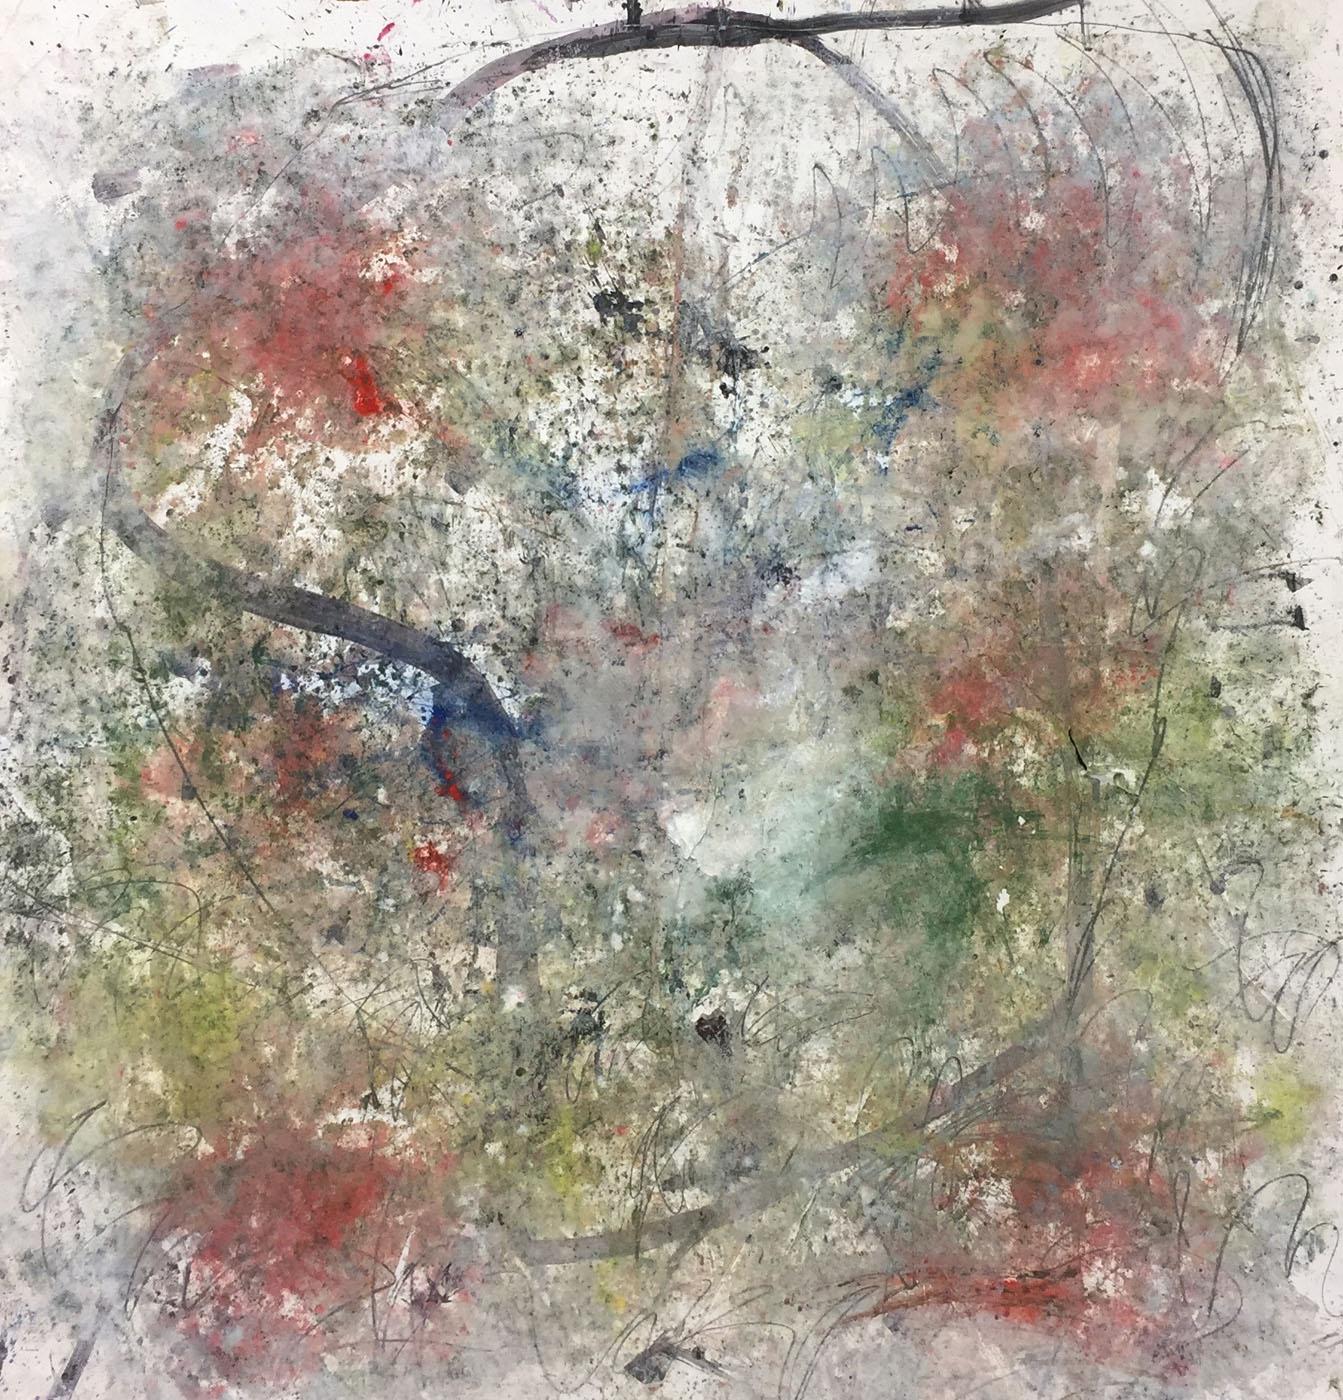 MARC FELD 2019 HAMLET Huile, acrylique, gouache, pigment et mine de plomb sur papier 150 x 165 cm